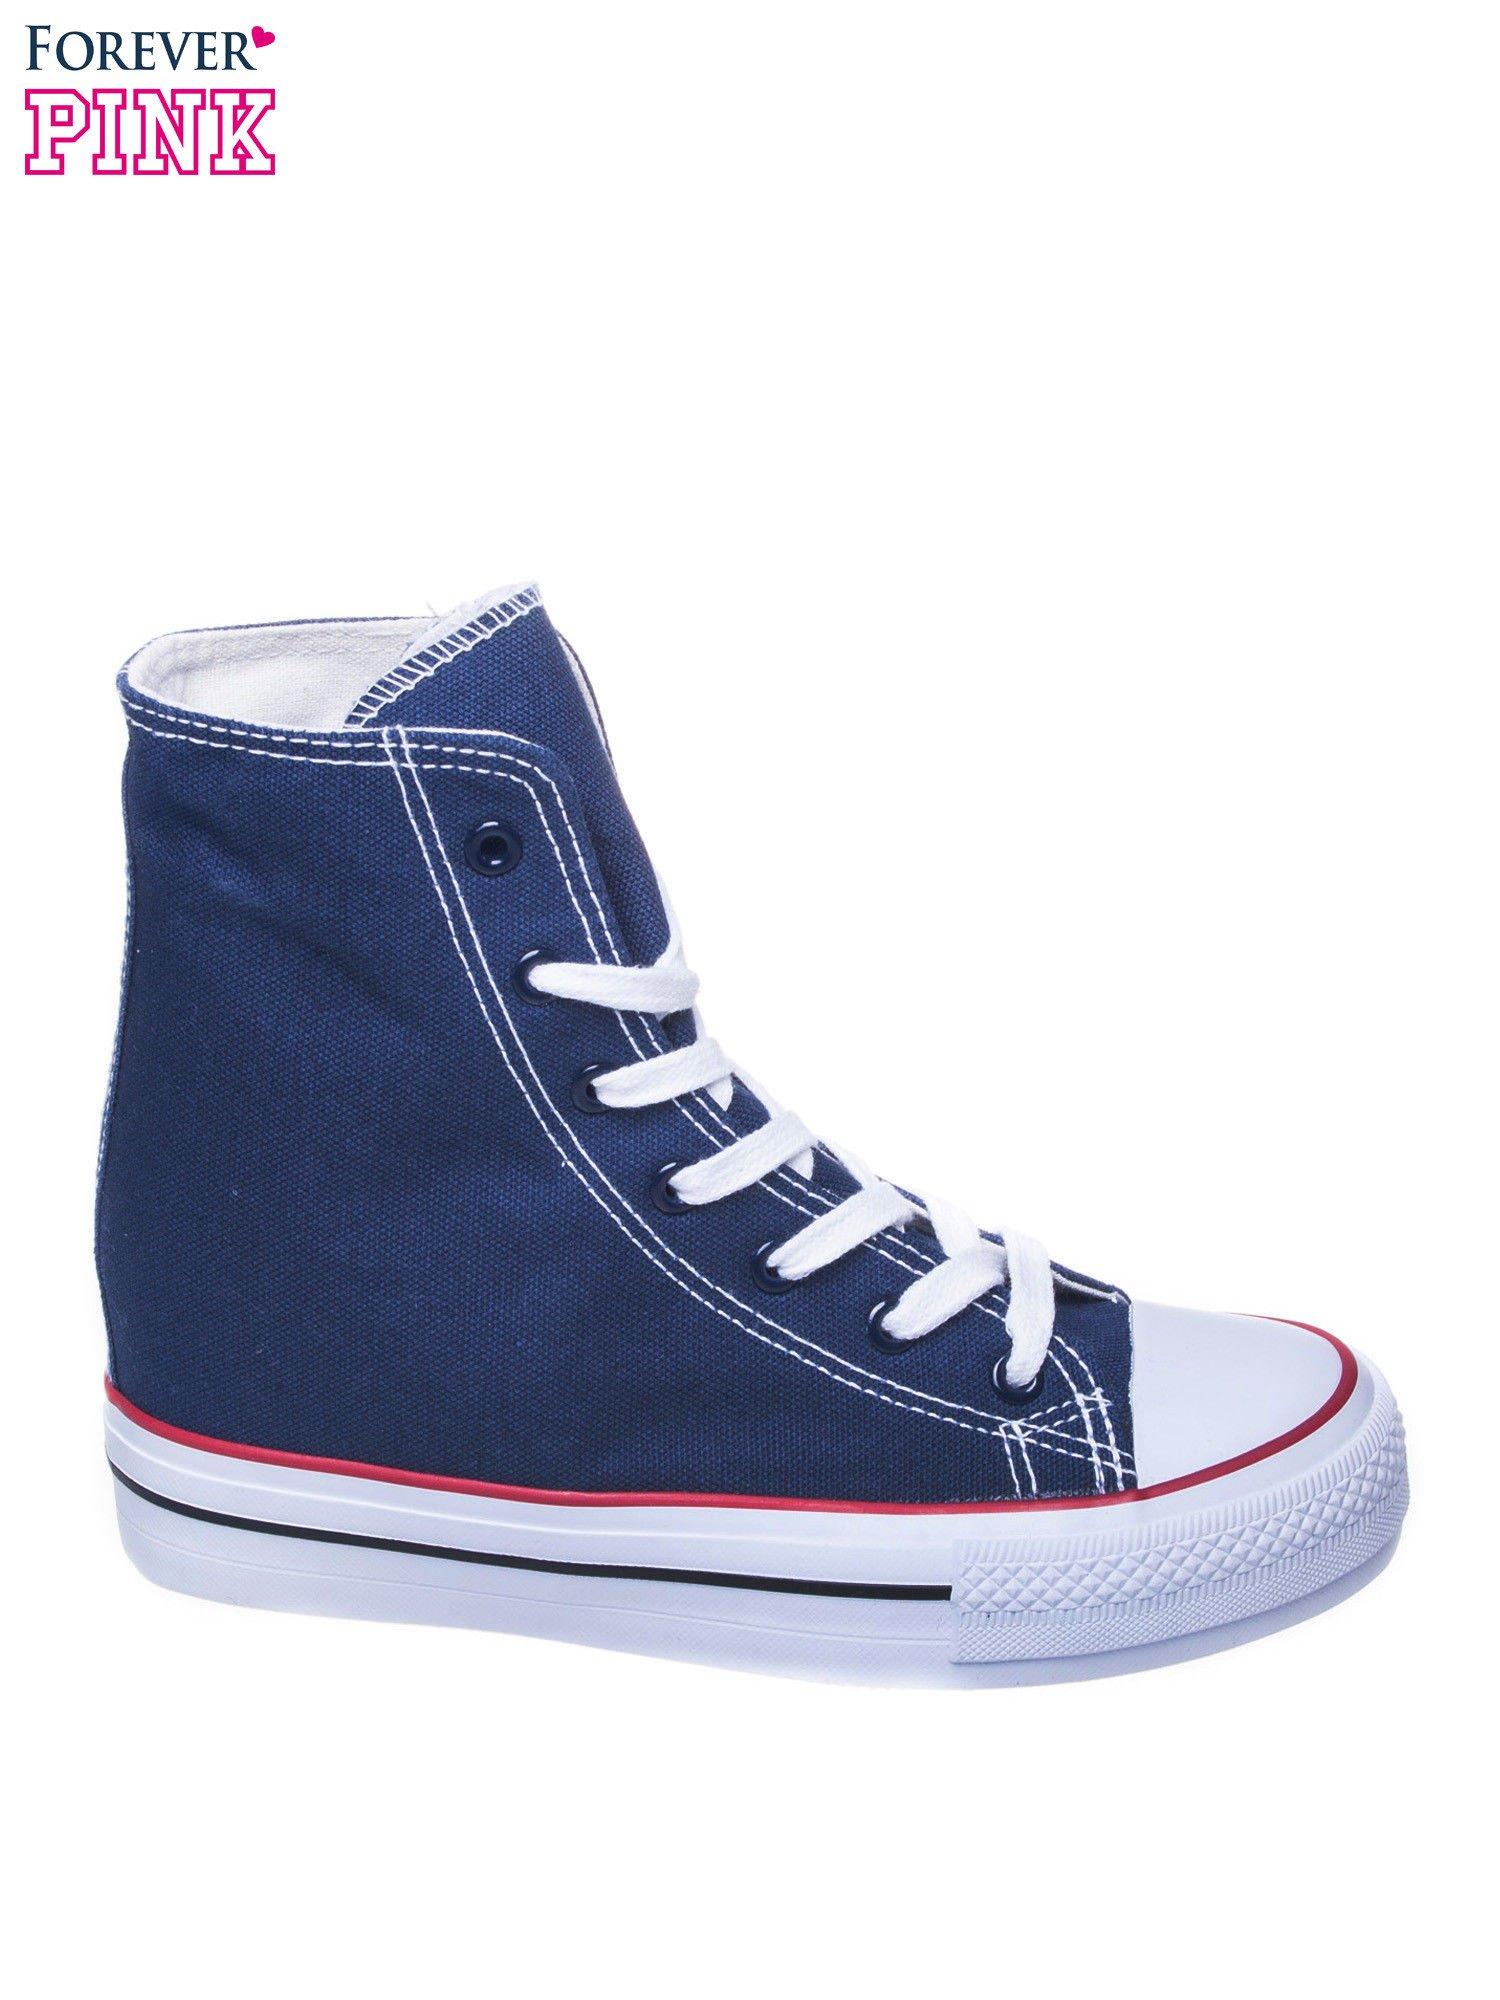 Granatowe sneakersy trampki damskie na koturnie                                  zdj.                                  1